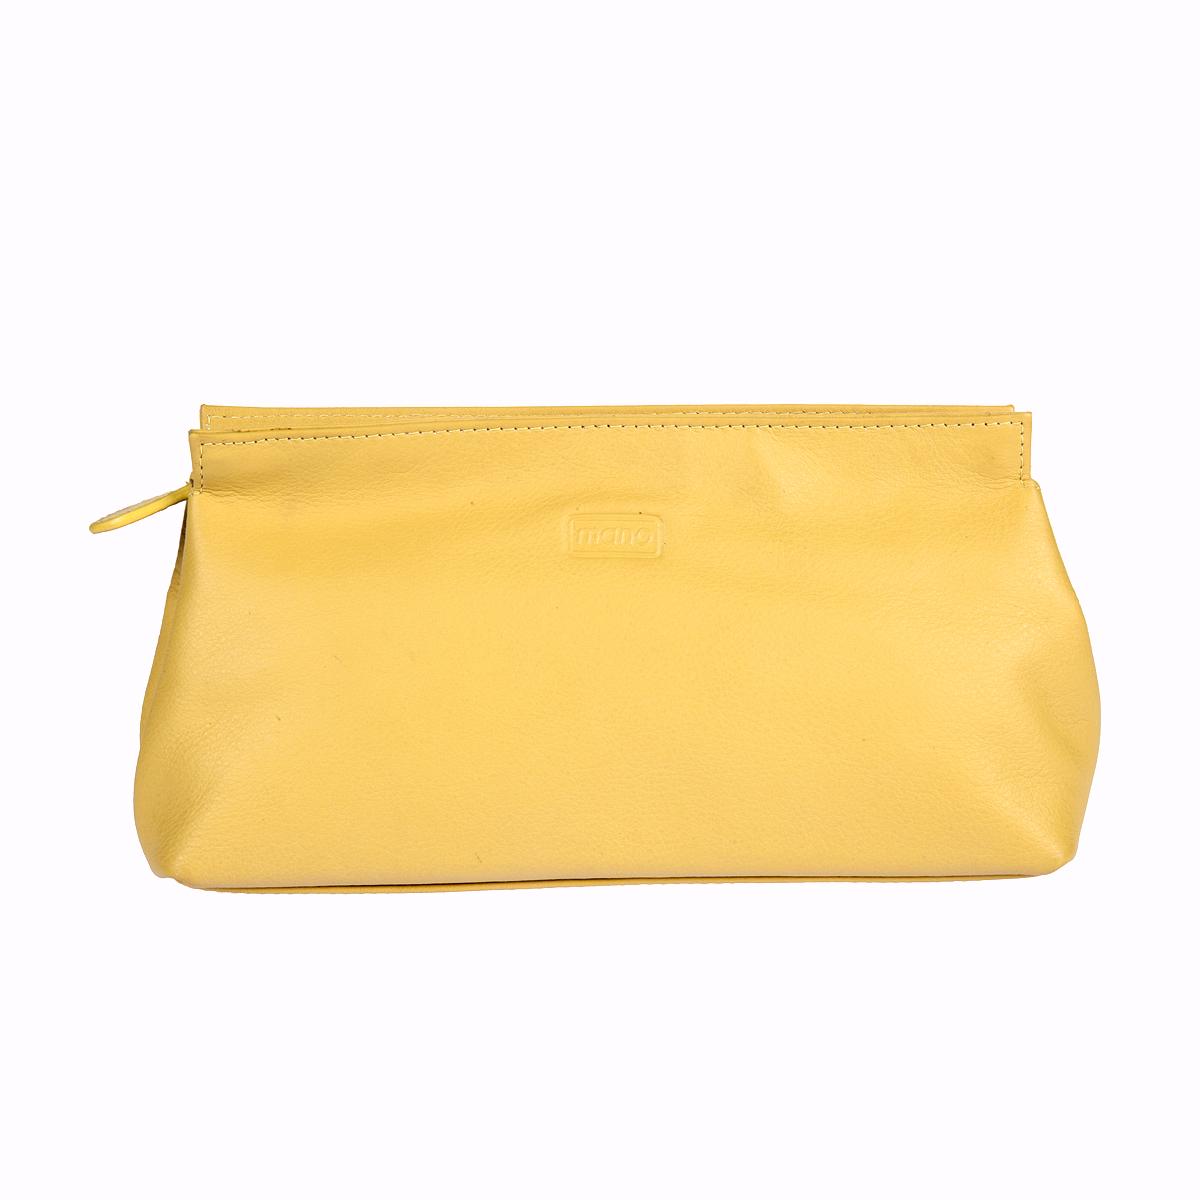 Косметичка Mano, цвет: желтый. 13422 SETRU13422 SETRU yellowКосметичка Mano выполнена из натуральной текстурной кожи и оформлена тисненой надписью с названием бренда. Внутри расположено одно вместительное отделение для косметики, которое закрывается на застежку-молнию. Изделие упаковано в фирменную коробку.